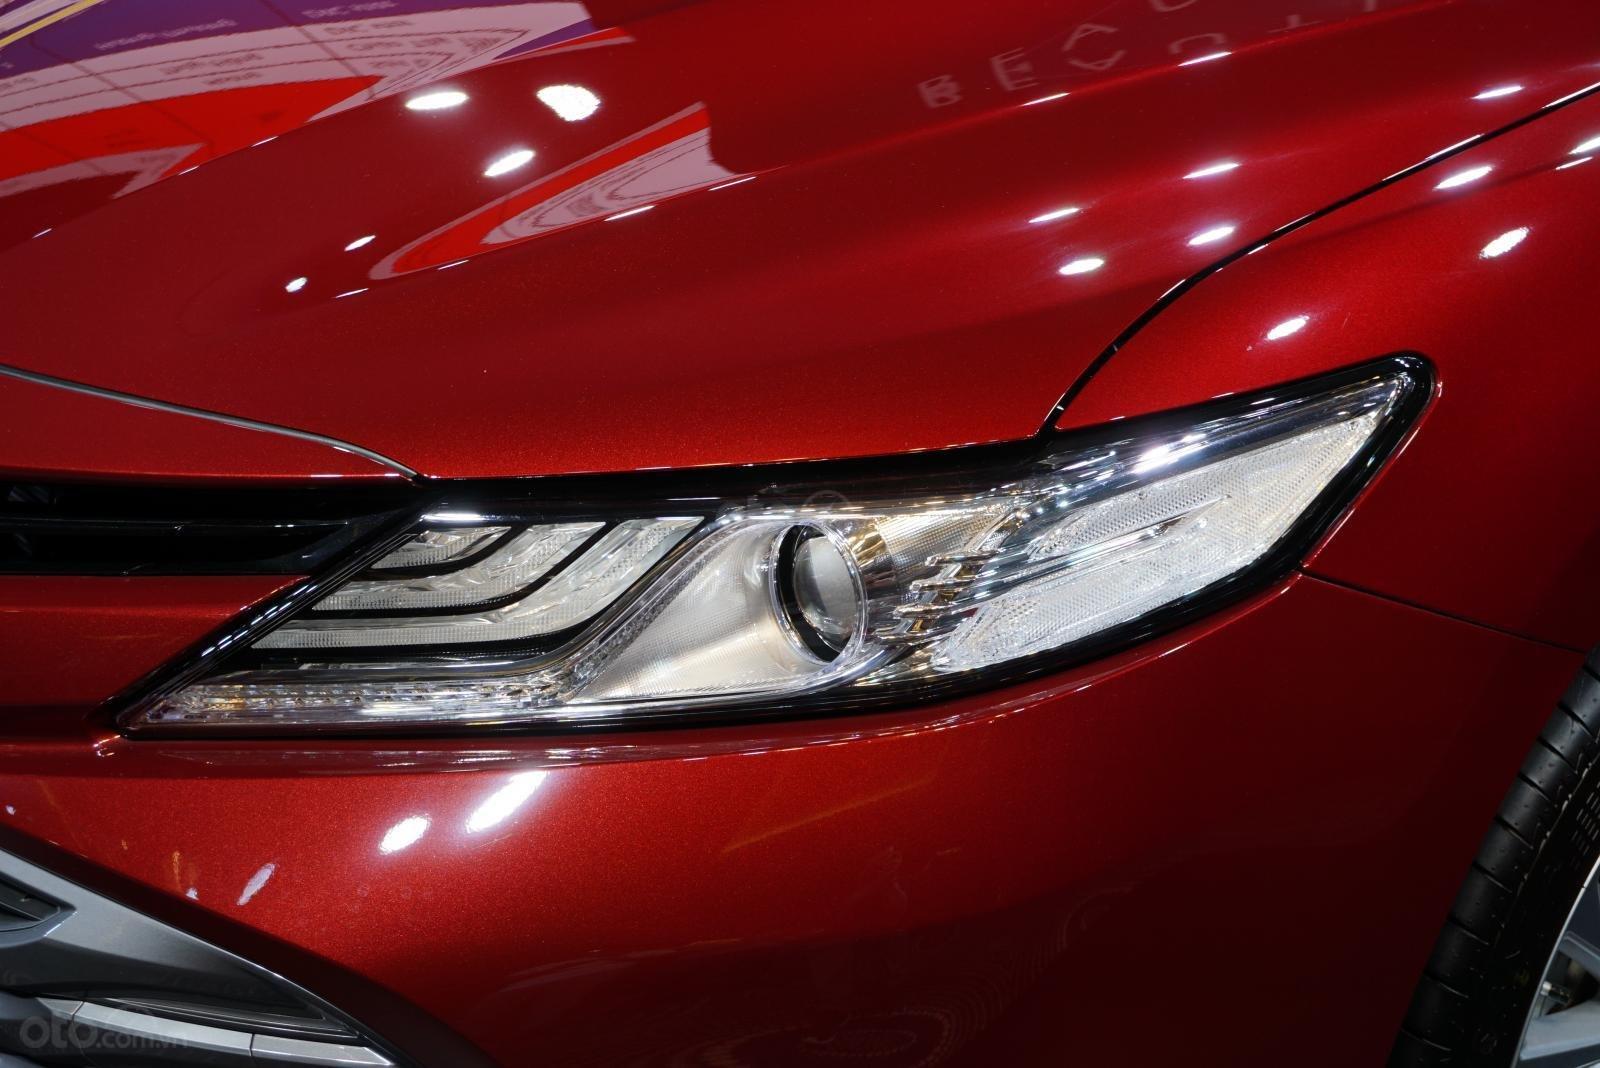 Toyota Camry 2019 chính thức ra mắt, vẫn chưa có giá niêm yết a3